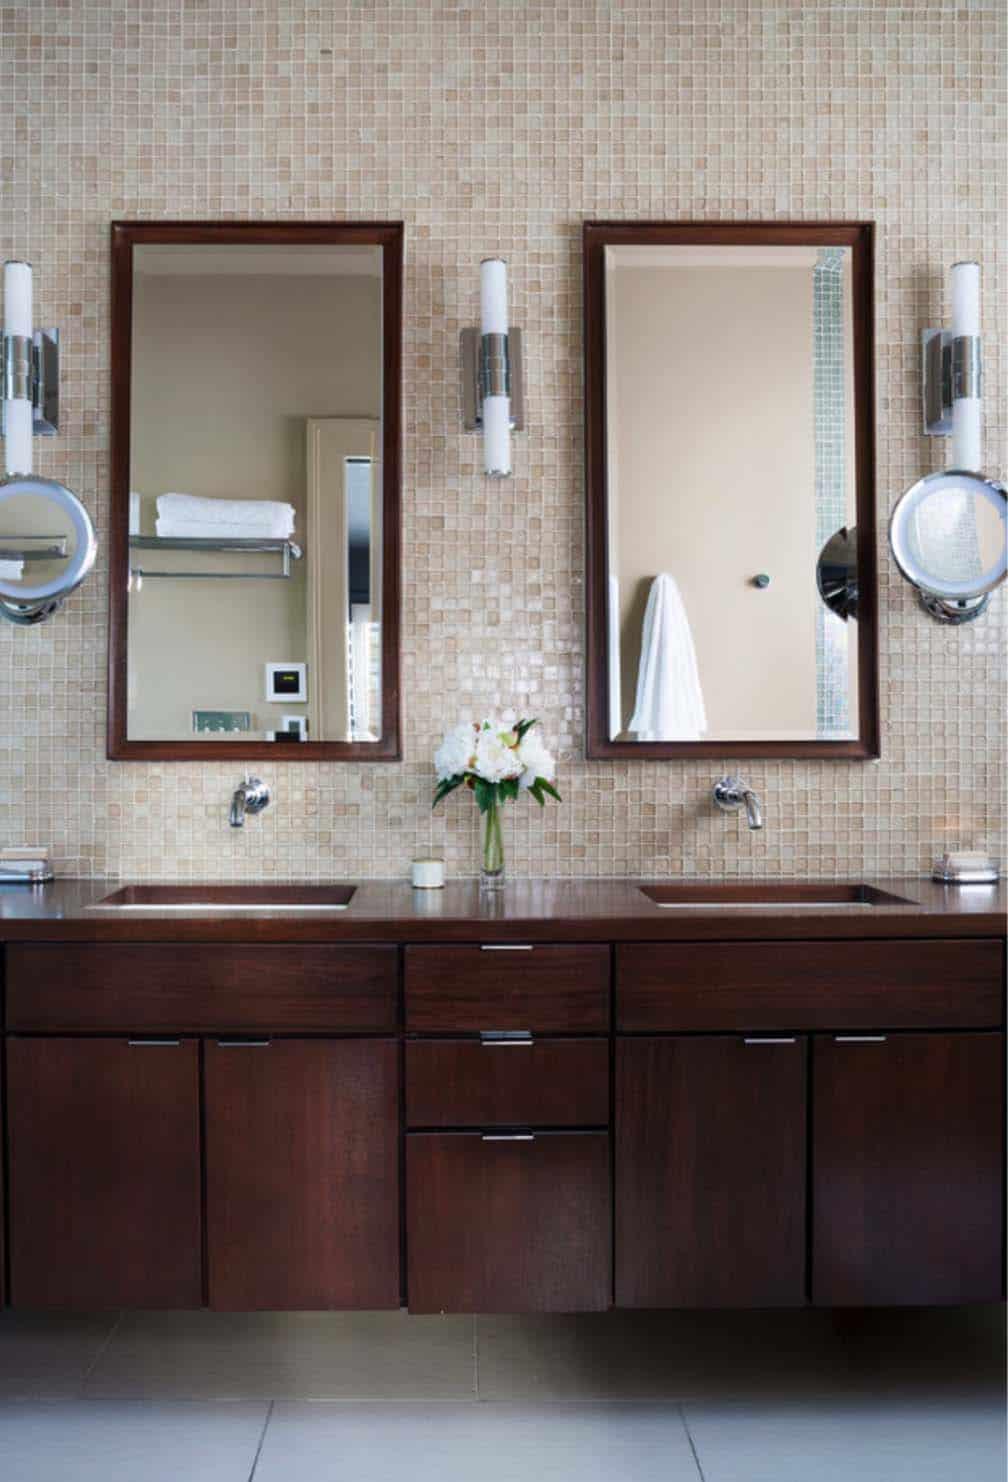 Rénovation de maison de style transitionnel-Lawlor Architects-11-1 Kindesign